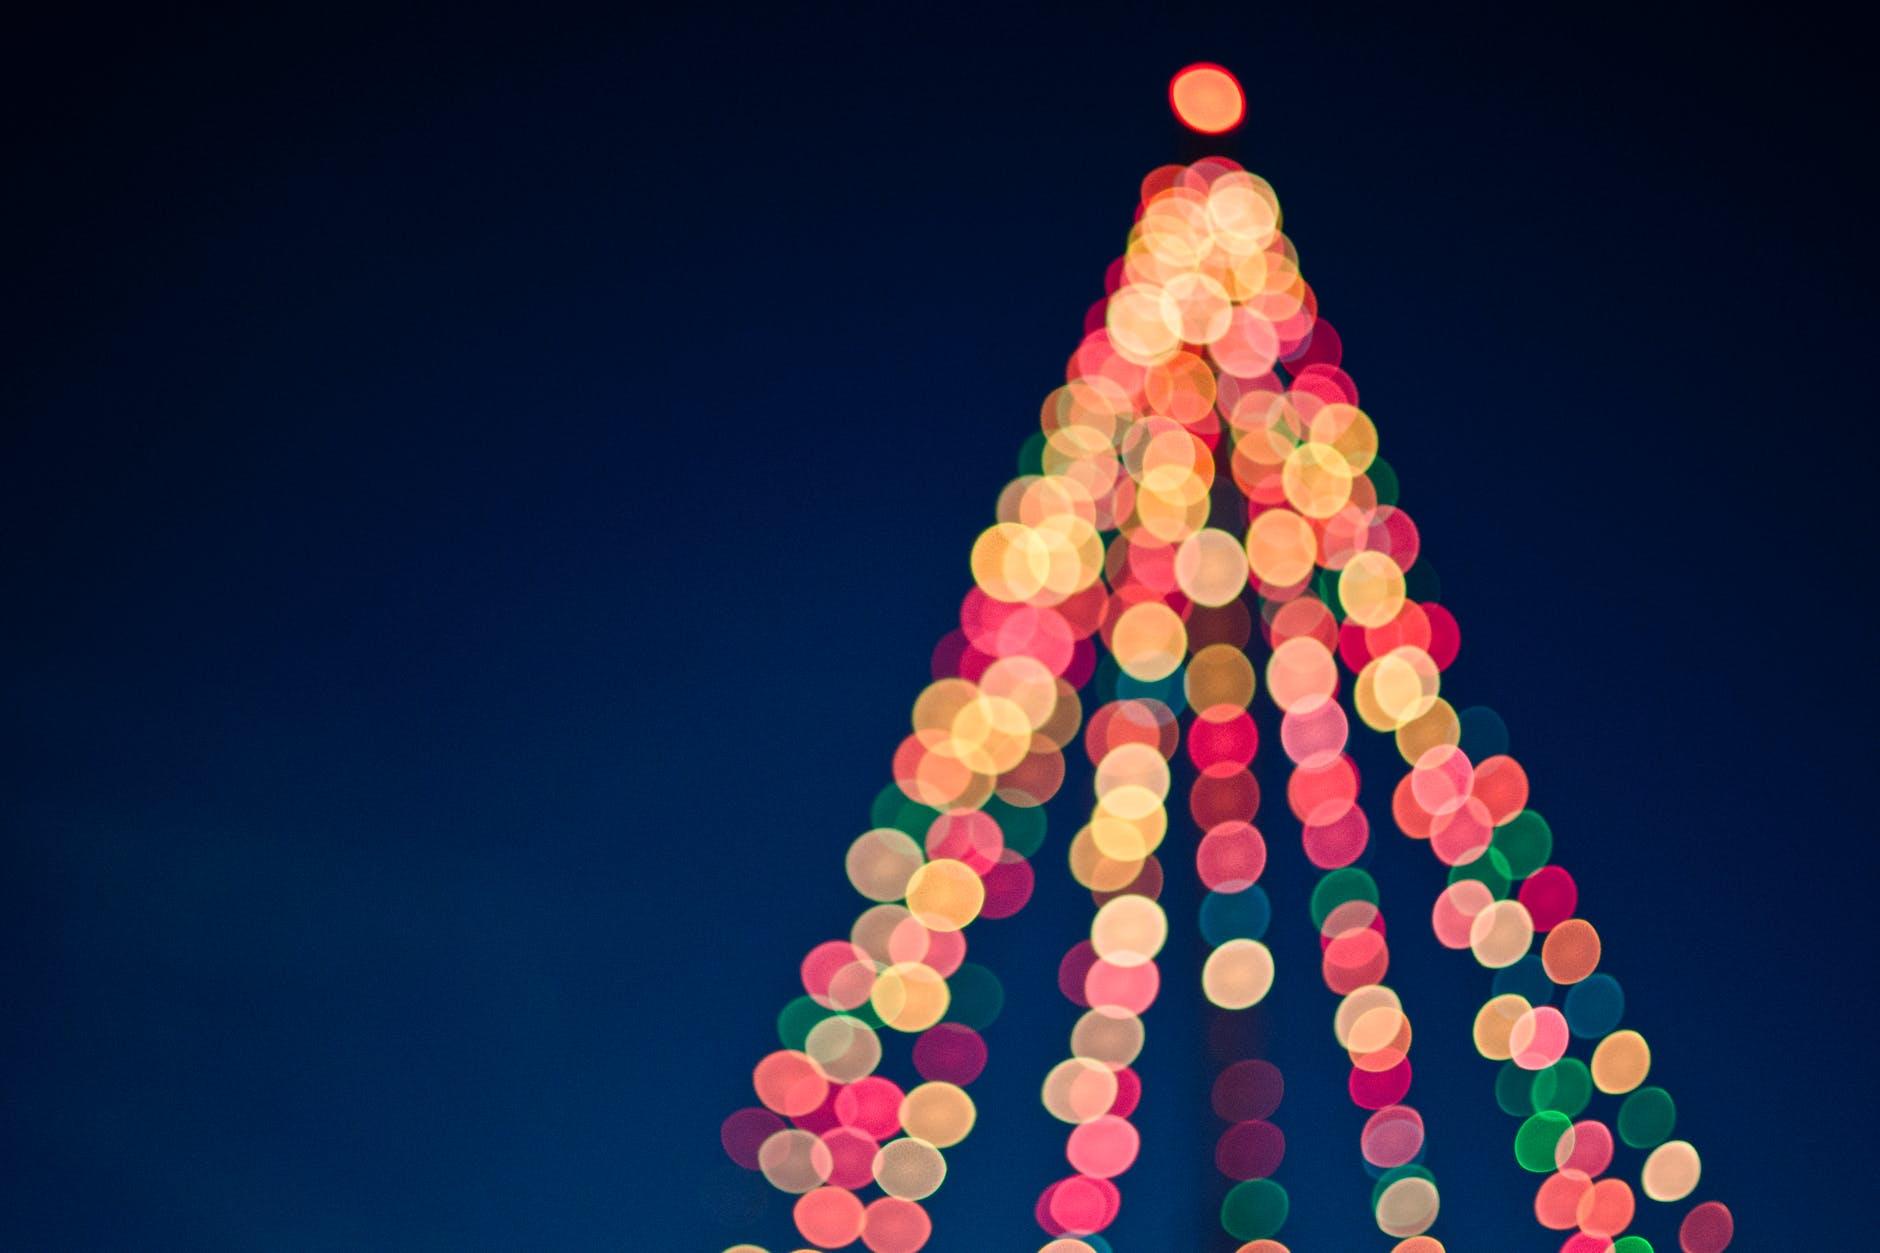 Raad akkoord met €160.000 voor 'Kerstfeest in de Stad'